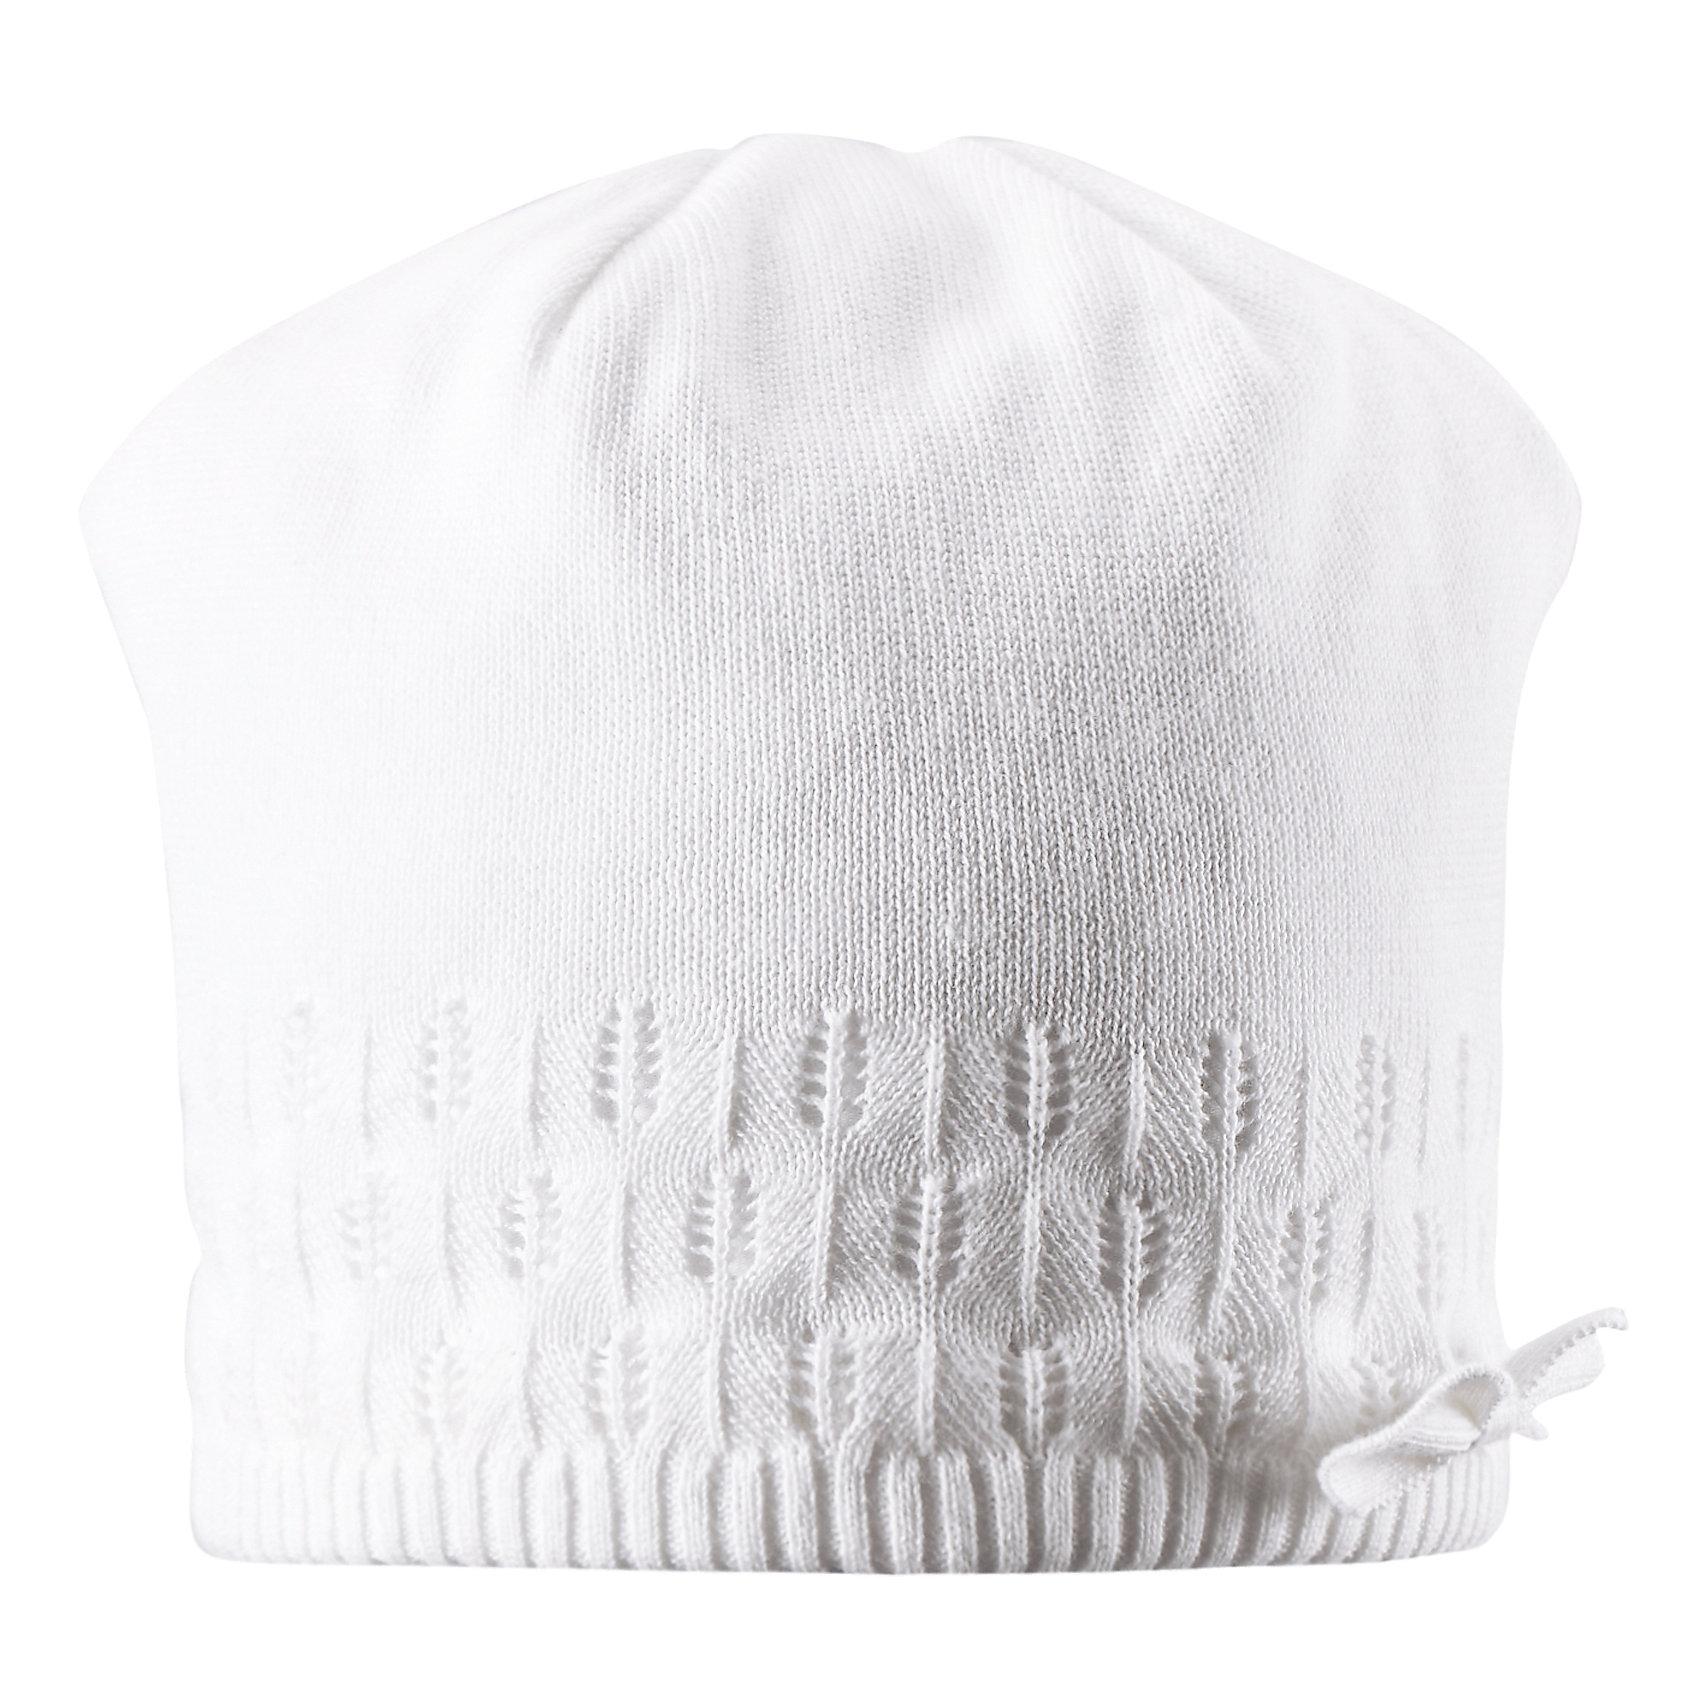 Шапка для девочки LASSIE by ReimaШапка для девочки от известной компании LASSIE by Reima<br><br>Вязаная теплая шапка - отличная вещь для прогулок и активного отдыха. Она стильно смотрится и хорошо сидит.<br><br>Приятная расцветка оживляет дизайн изделия - такую вещь дети будут носить с удовольствием!<br><br>Особенности модели:<br><br>- цвет: белый;<br>- приятный материал;<br>- натуральный хлопок;<br>- стильный дизайн;<br>- объемная структура;<br>- ветронепроницаемые вставки для защиты ушей;<br>- глубокая посадка.<br><br>Дополнительная информация:<br><br>Температурный режим: от -15° до +10° С<br><br>Состав: 100% хлопок<br><br>Шапку для девочки от известной компании LASSIE by Reima (Лэсси Рейма) можно купить в нашем магазине.<br><br>Ширина мм: 89<br>Глубина мм: 117<br>Высота мм: 44<br>Вес г: 155<br>Цвет: белый<br>Возраст от месяцев: 36<br>Возраст до месяцев: 60<br>Пол: Женский<br>Возраст: Детский<br>Размер: 50-52,54-56,46-48<br>SKU: 4555424